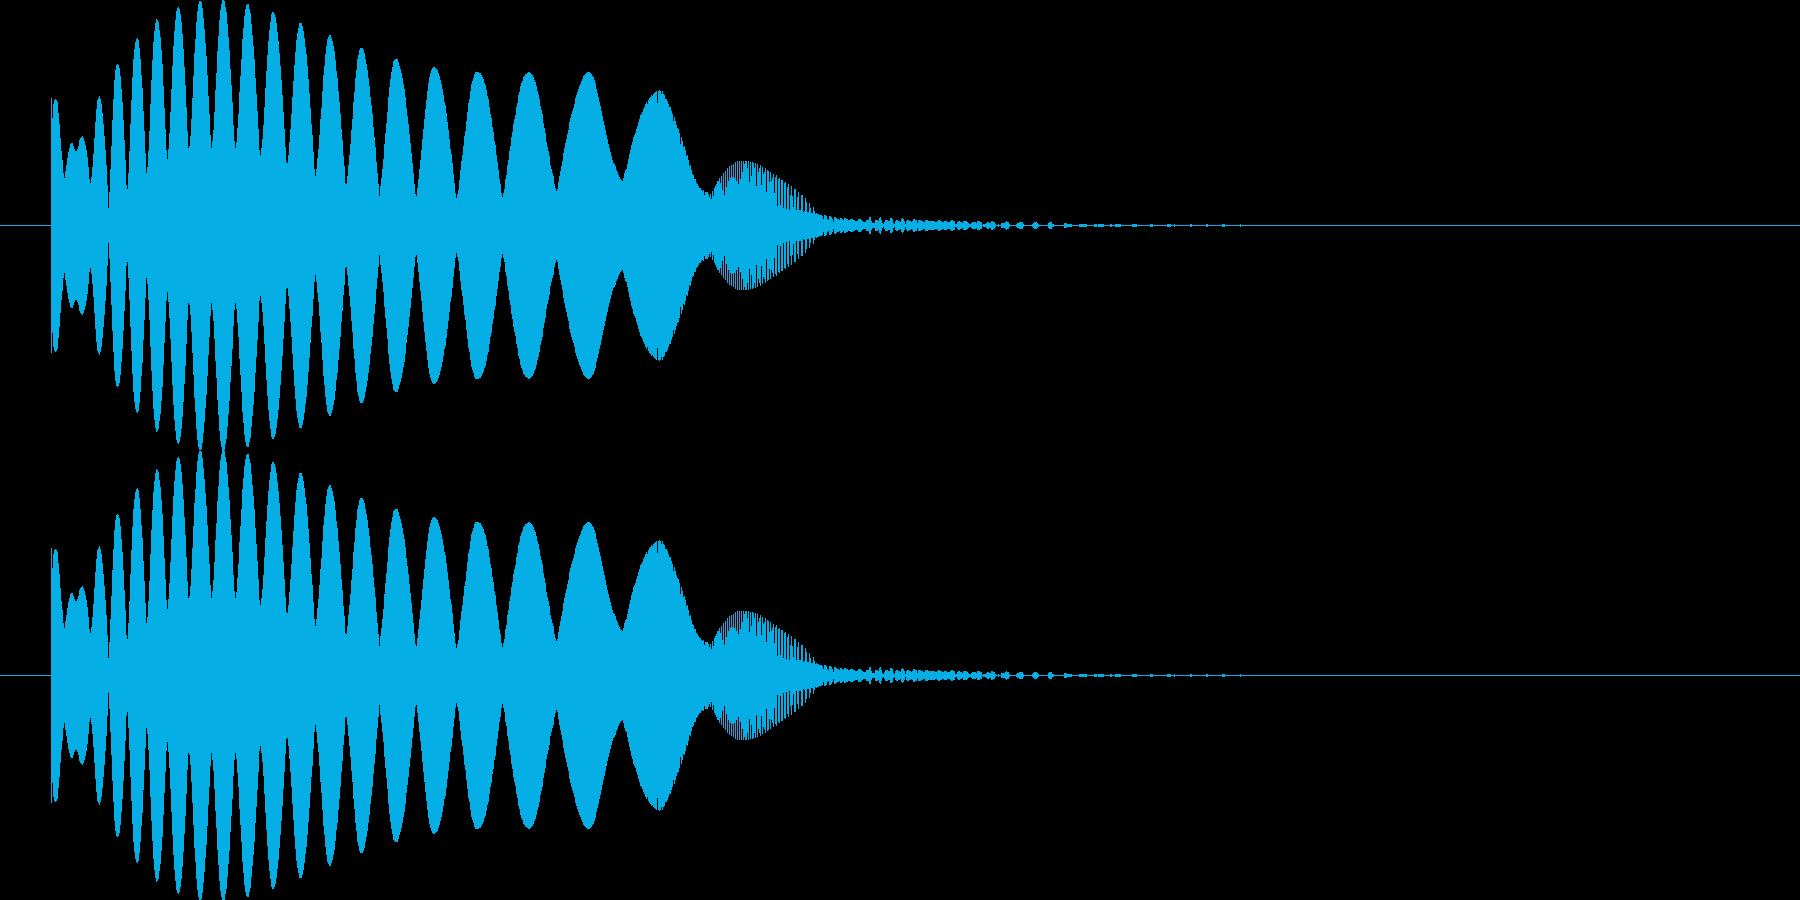 弧を描いて物が飛んでいくような音の再生済みの波形